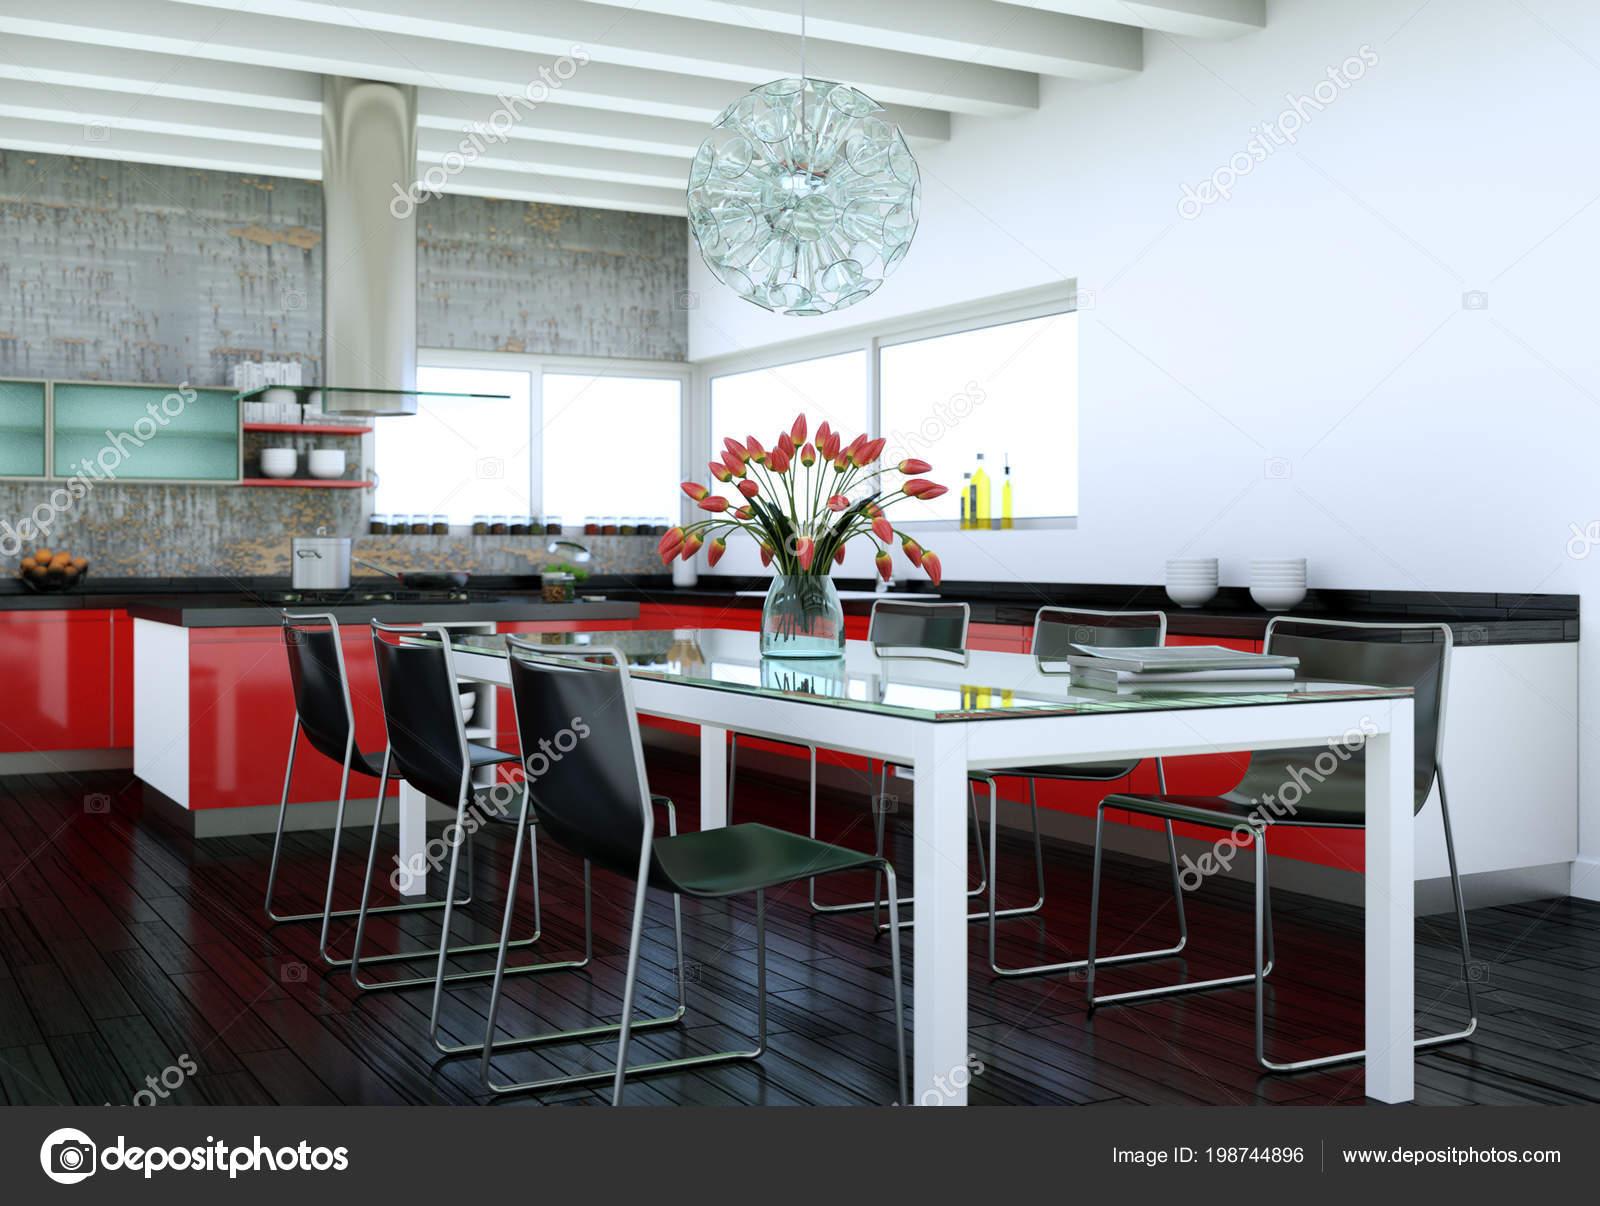 Cucina rossa moderna in una casa con un bel design — Foto ...